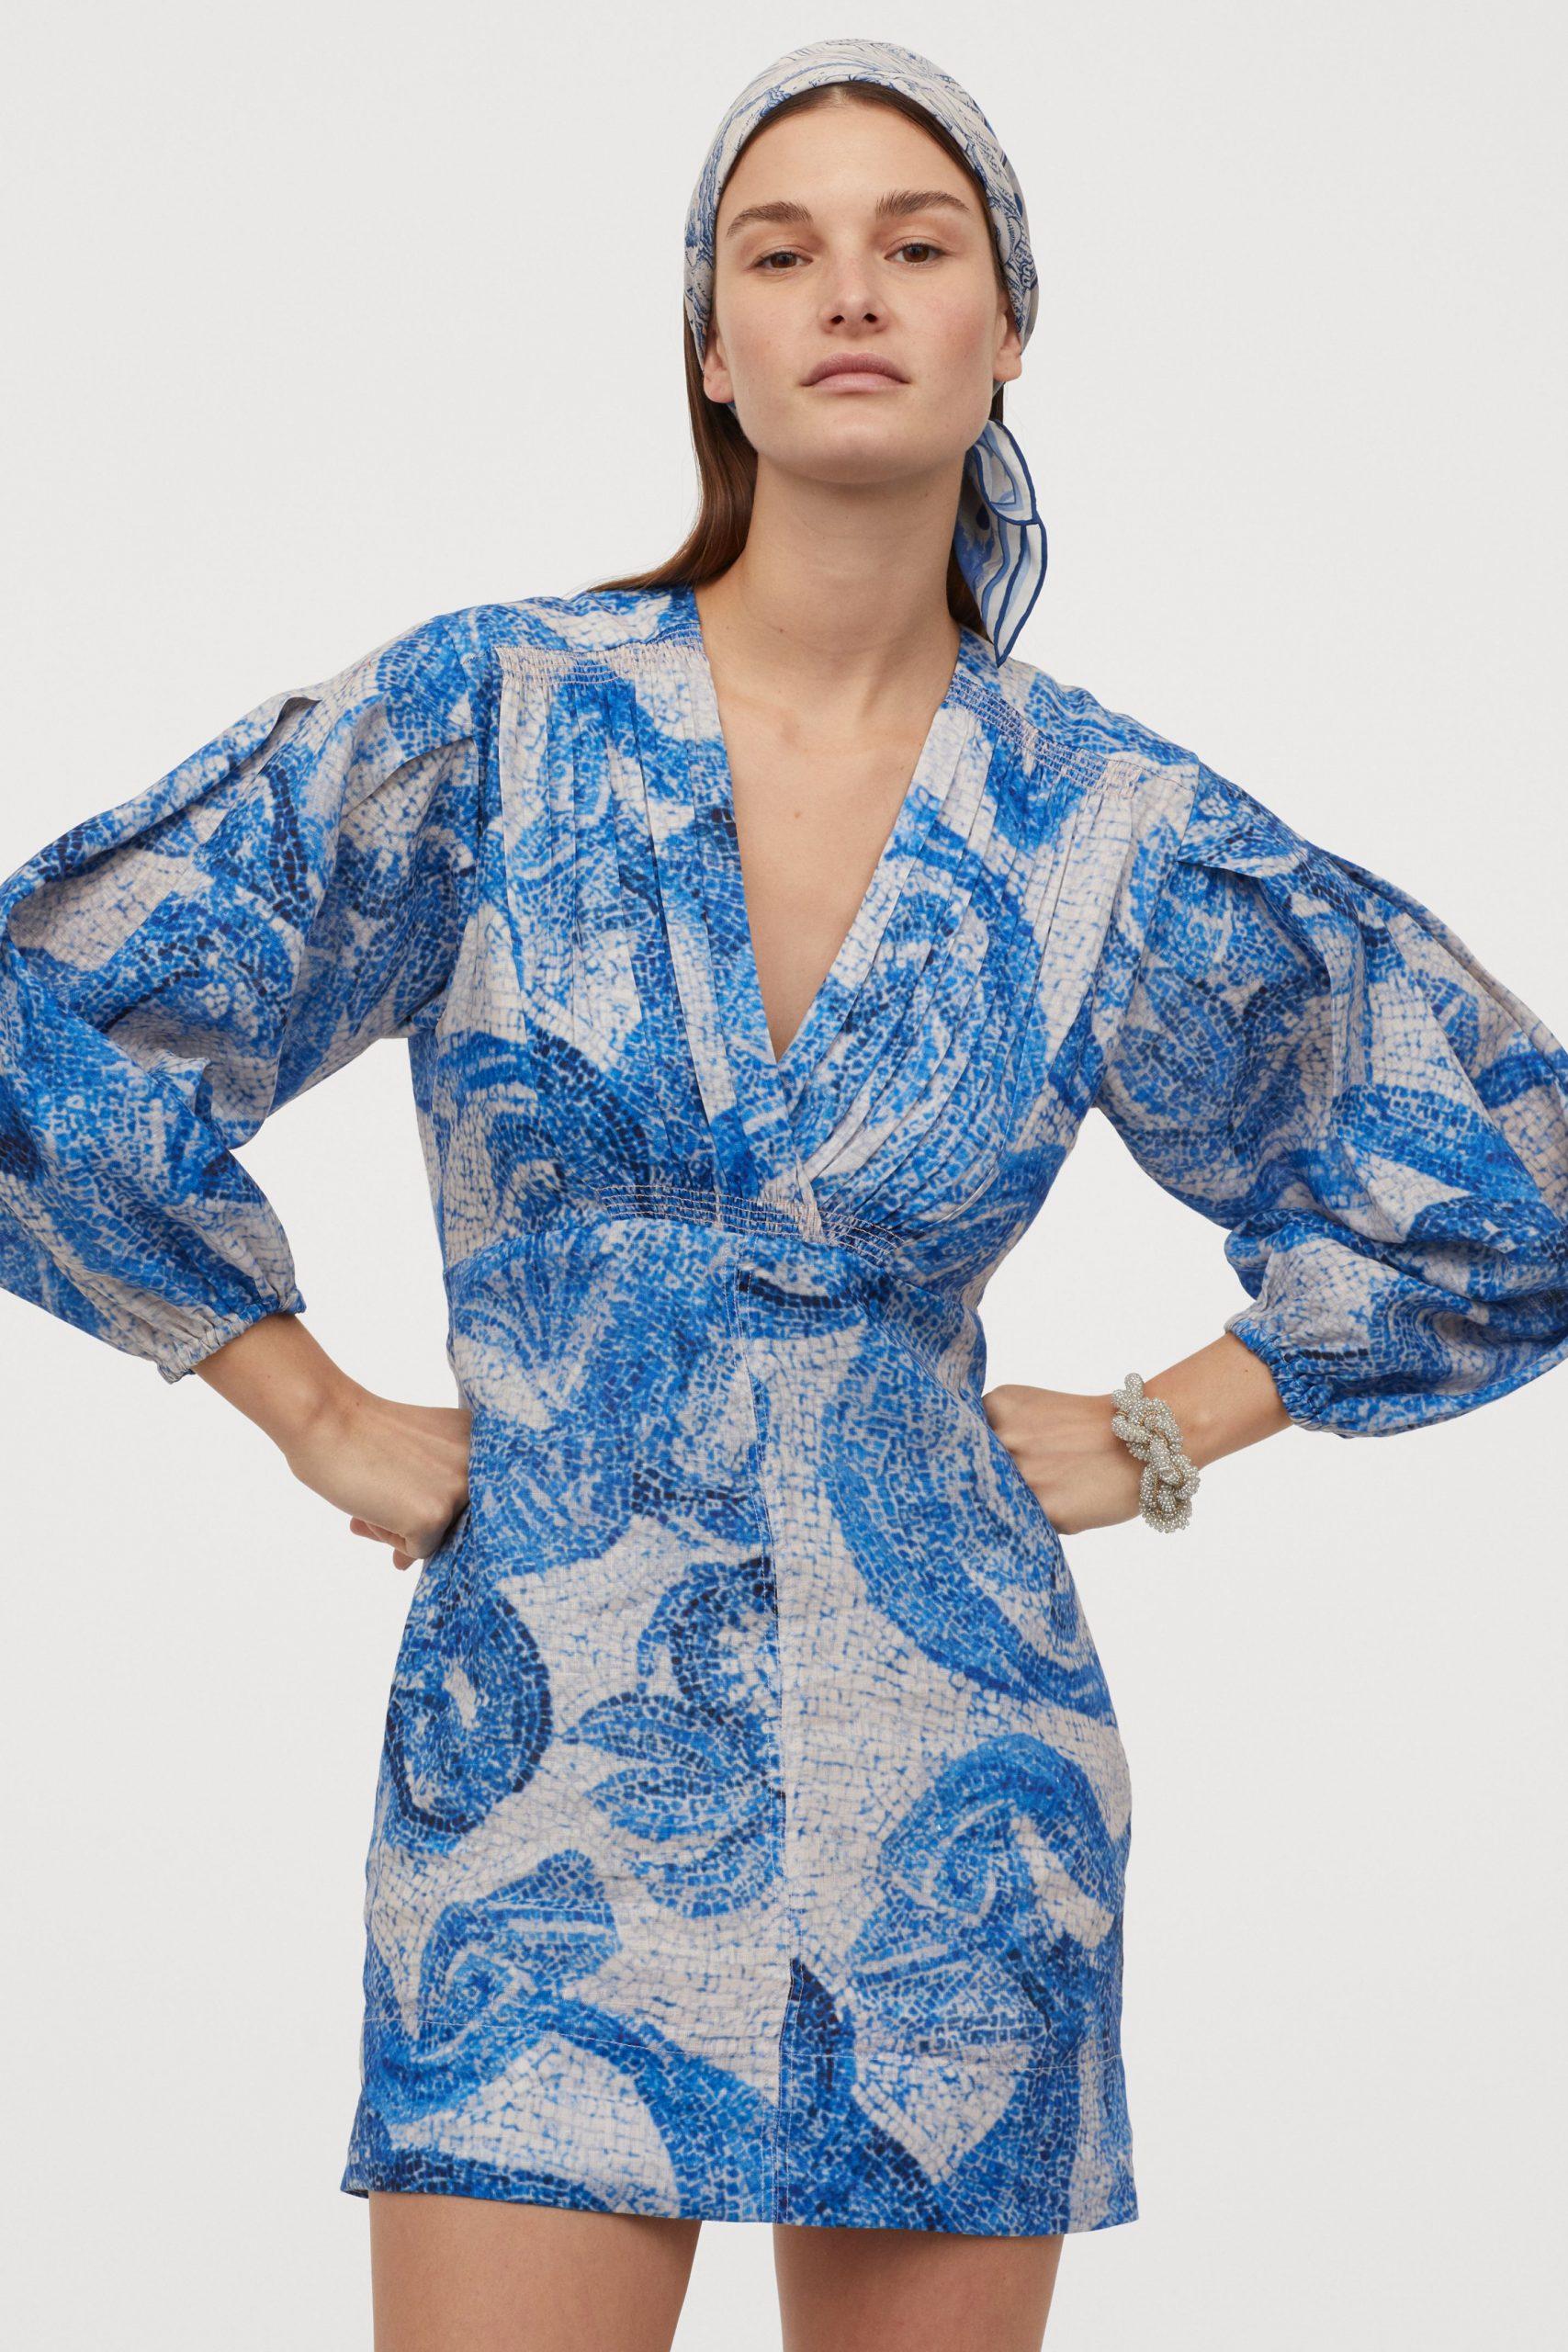 Organic linen mosaic dress £79.99